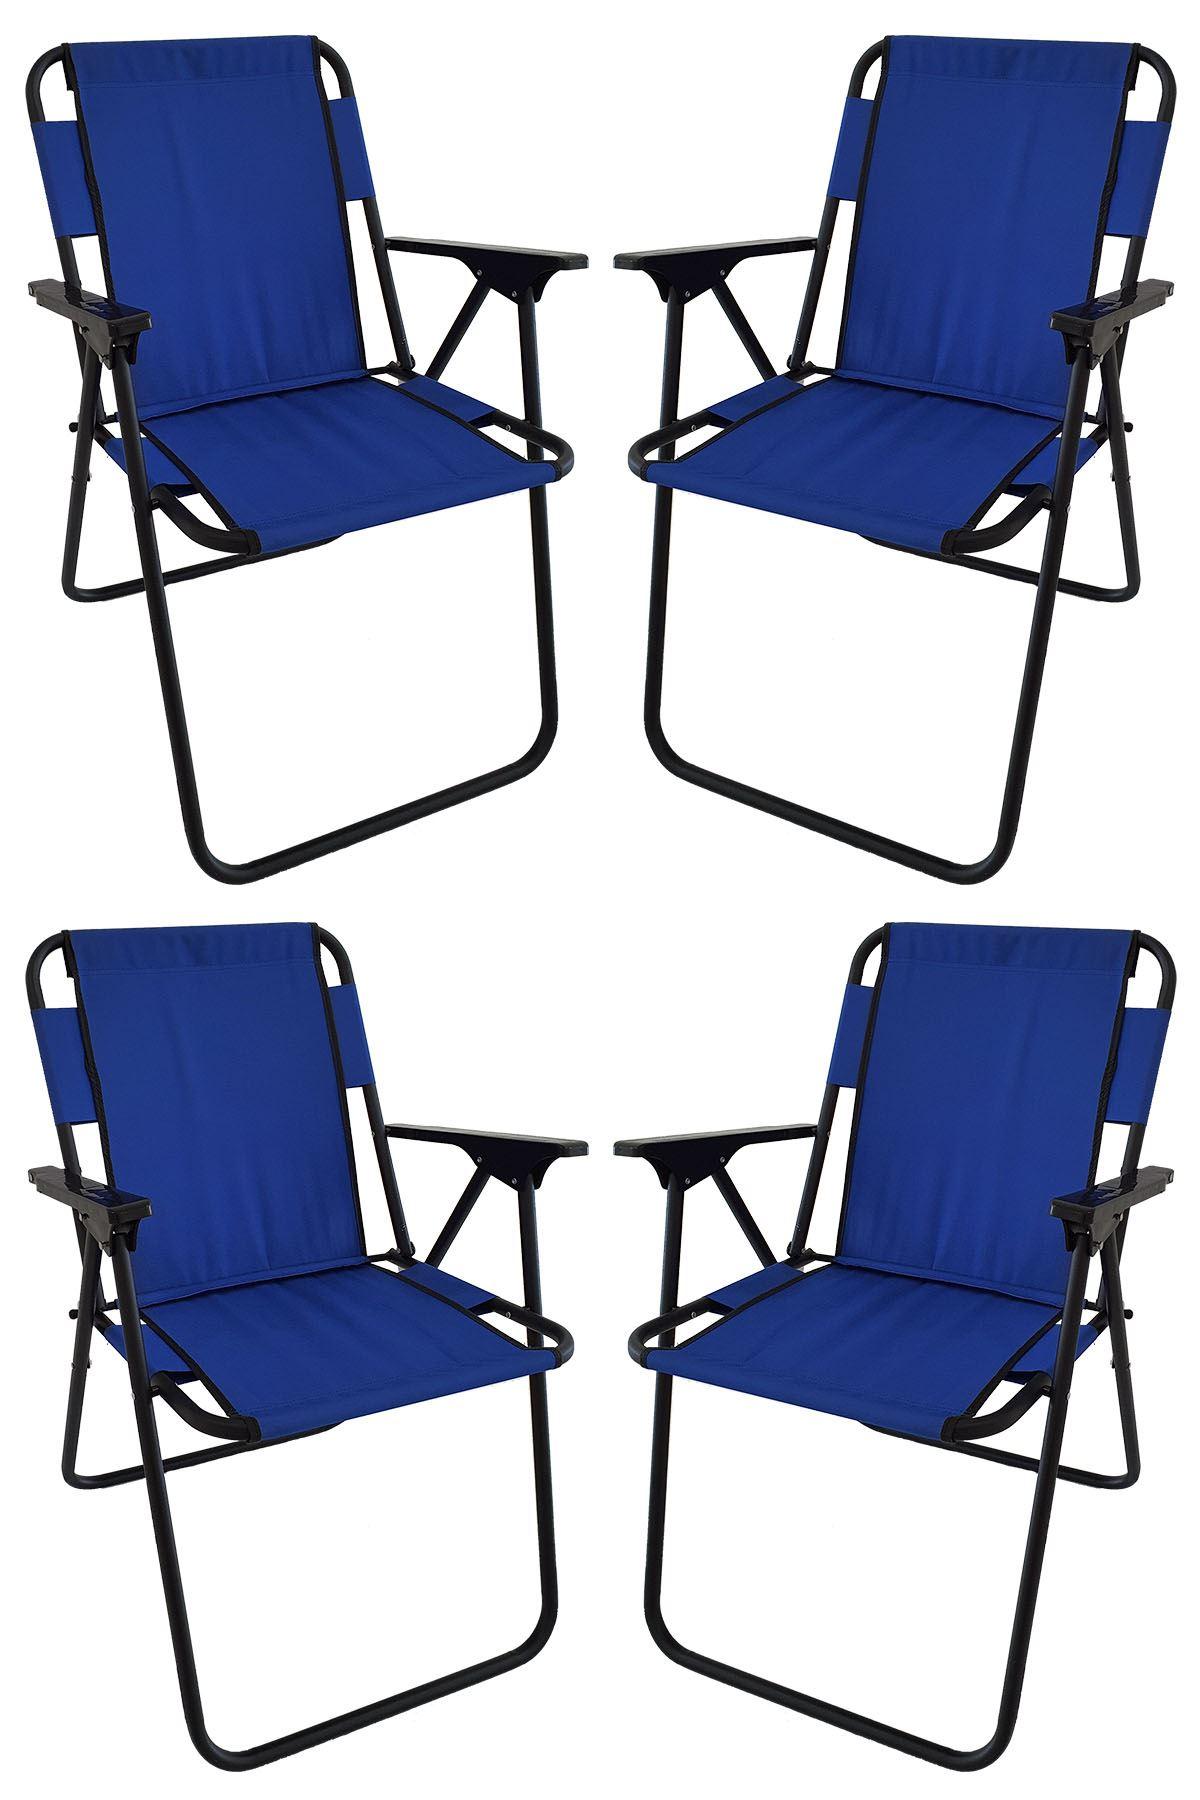 Bofigo 4 Adet Kamp Sandalyesi Katlanır Sandalye Piknik Sandalyesi Plaj Sandalyesi Mavi